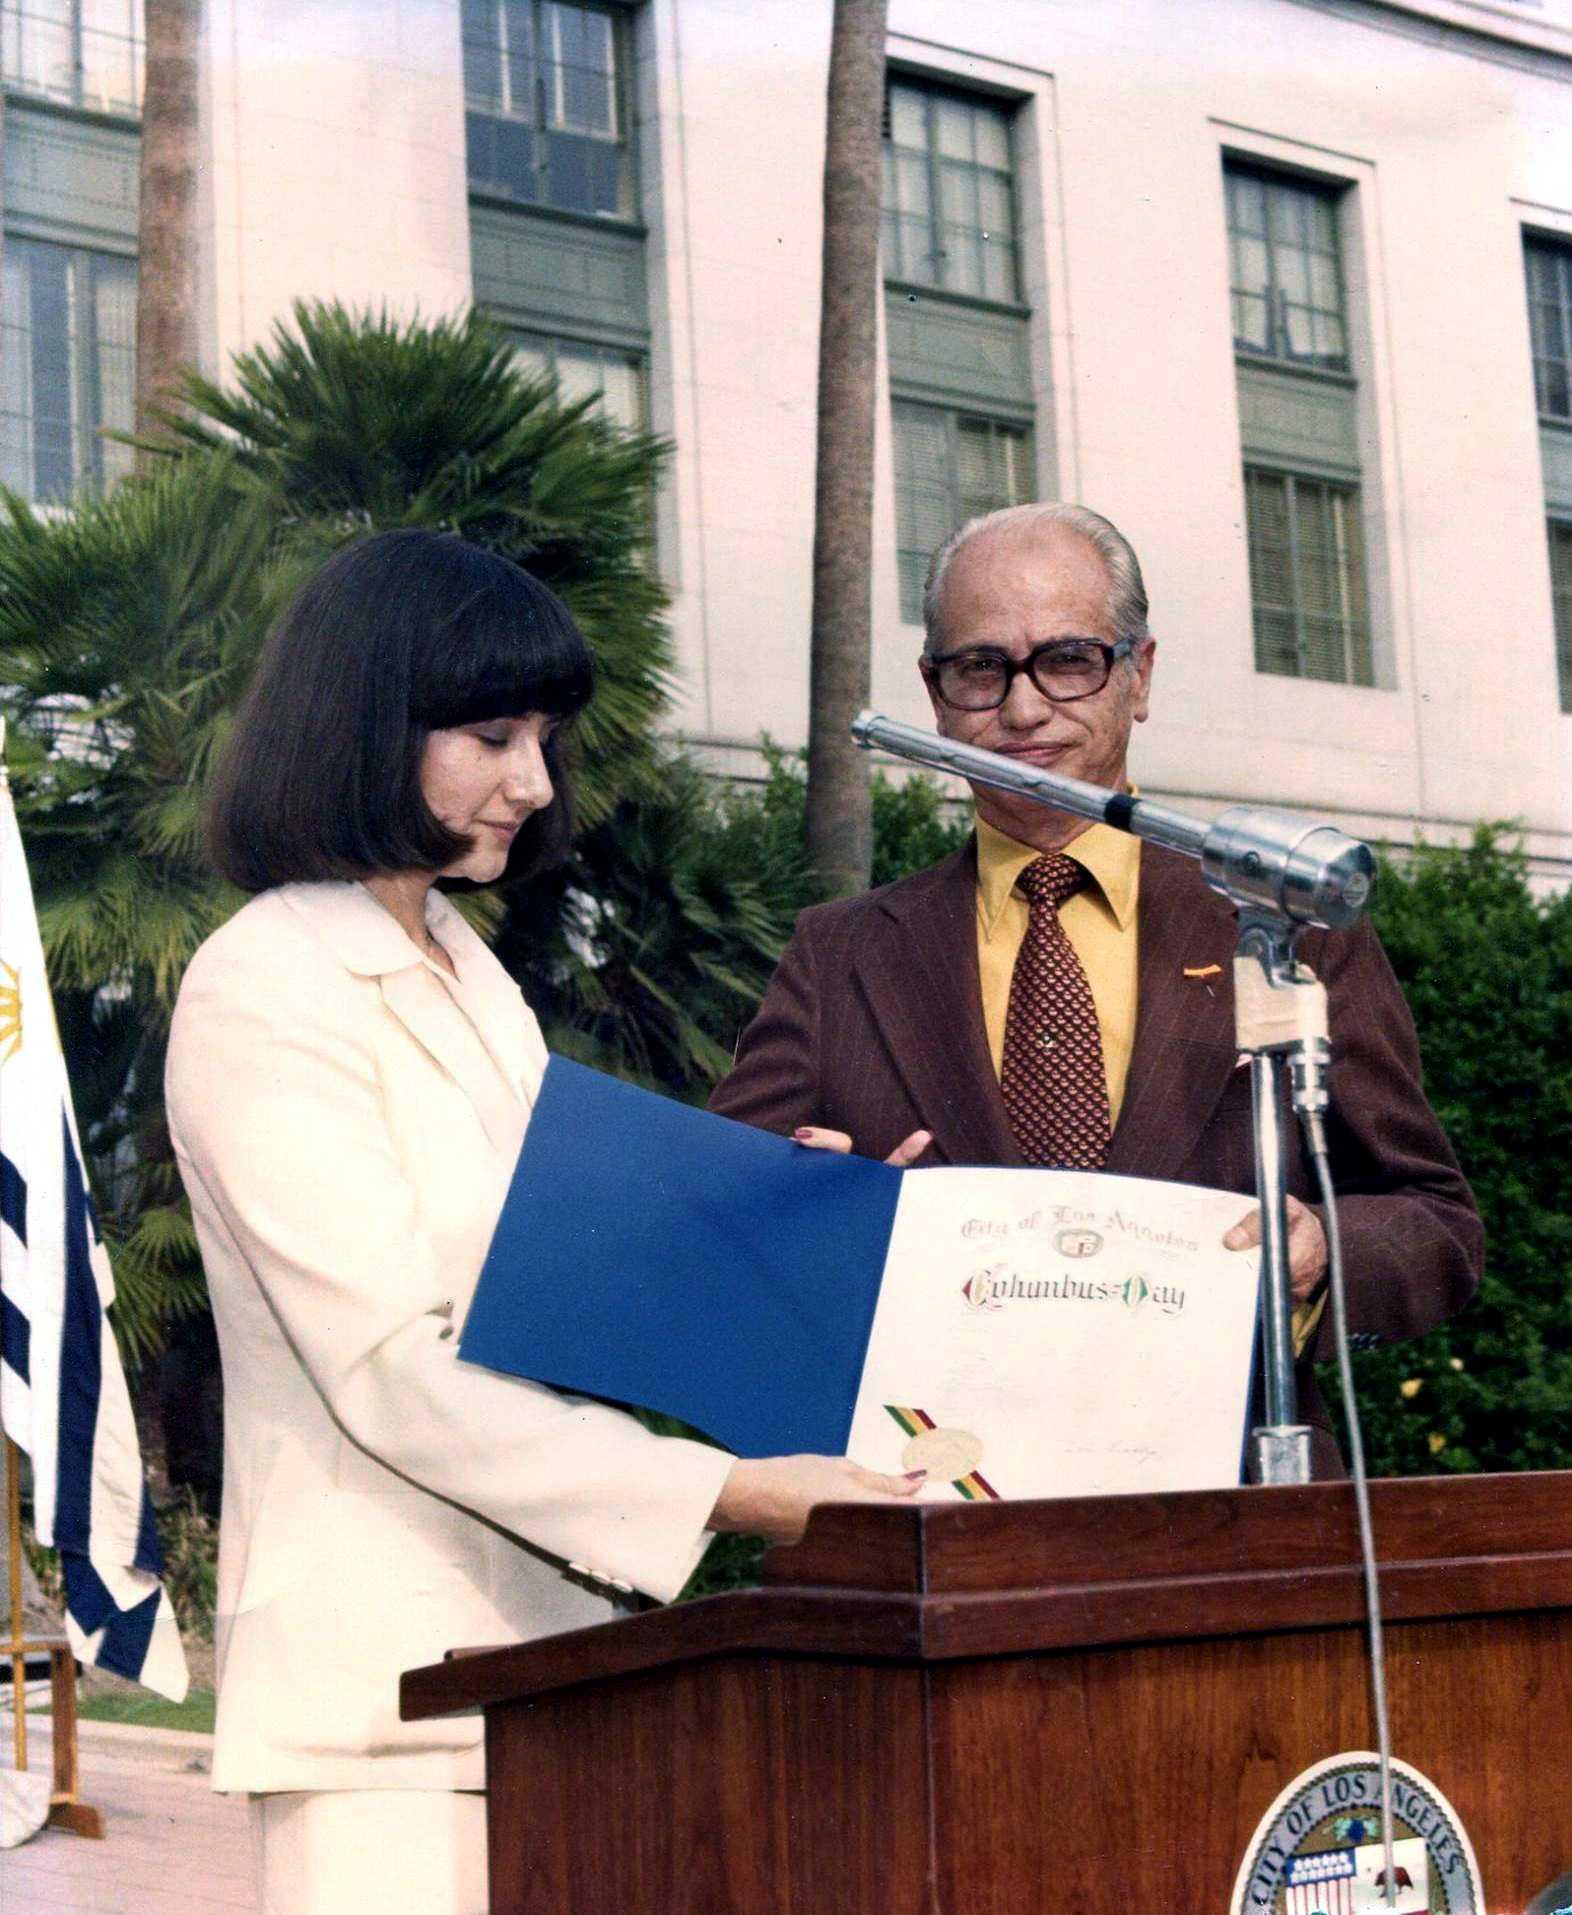 Armando del Moral en una celebració de la Festa de la Hispanitat organitzada per la Casa d'Espanya (Los Angeles, anys setanta)